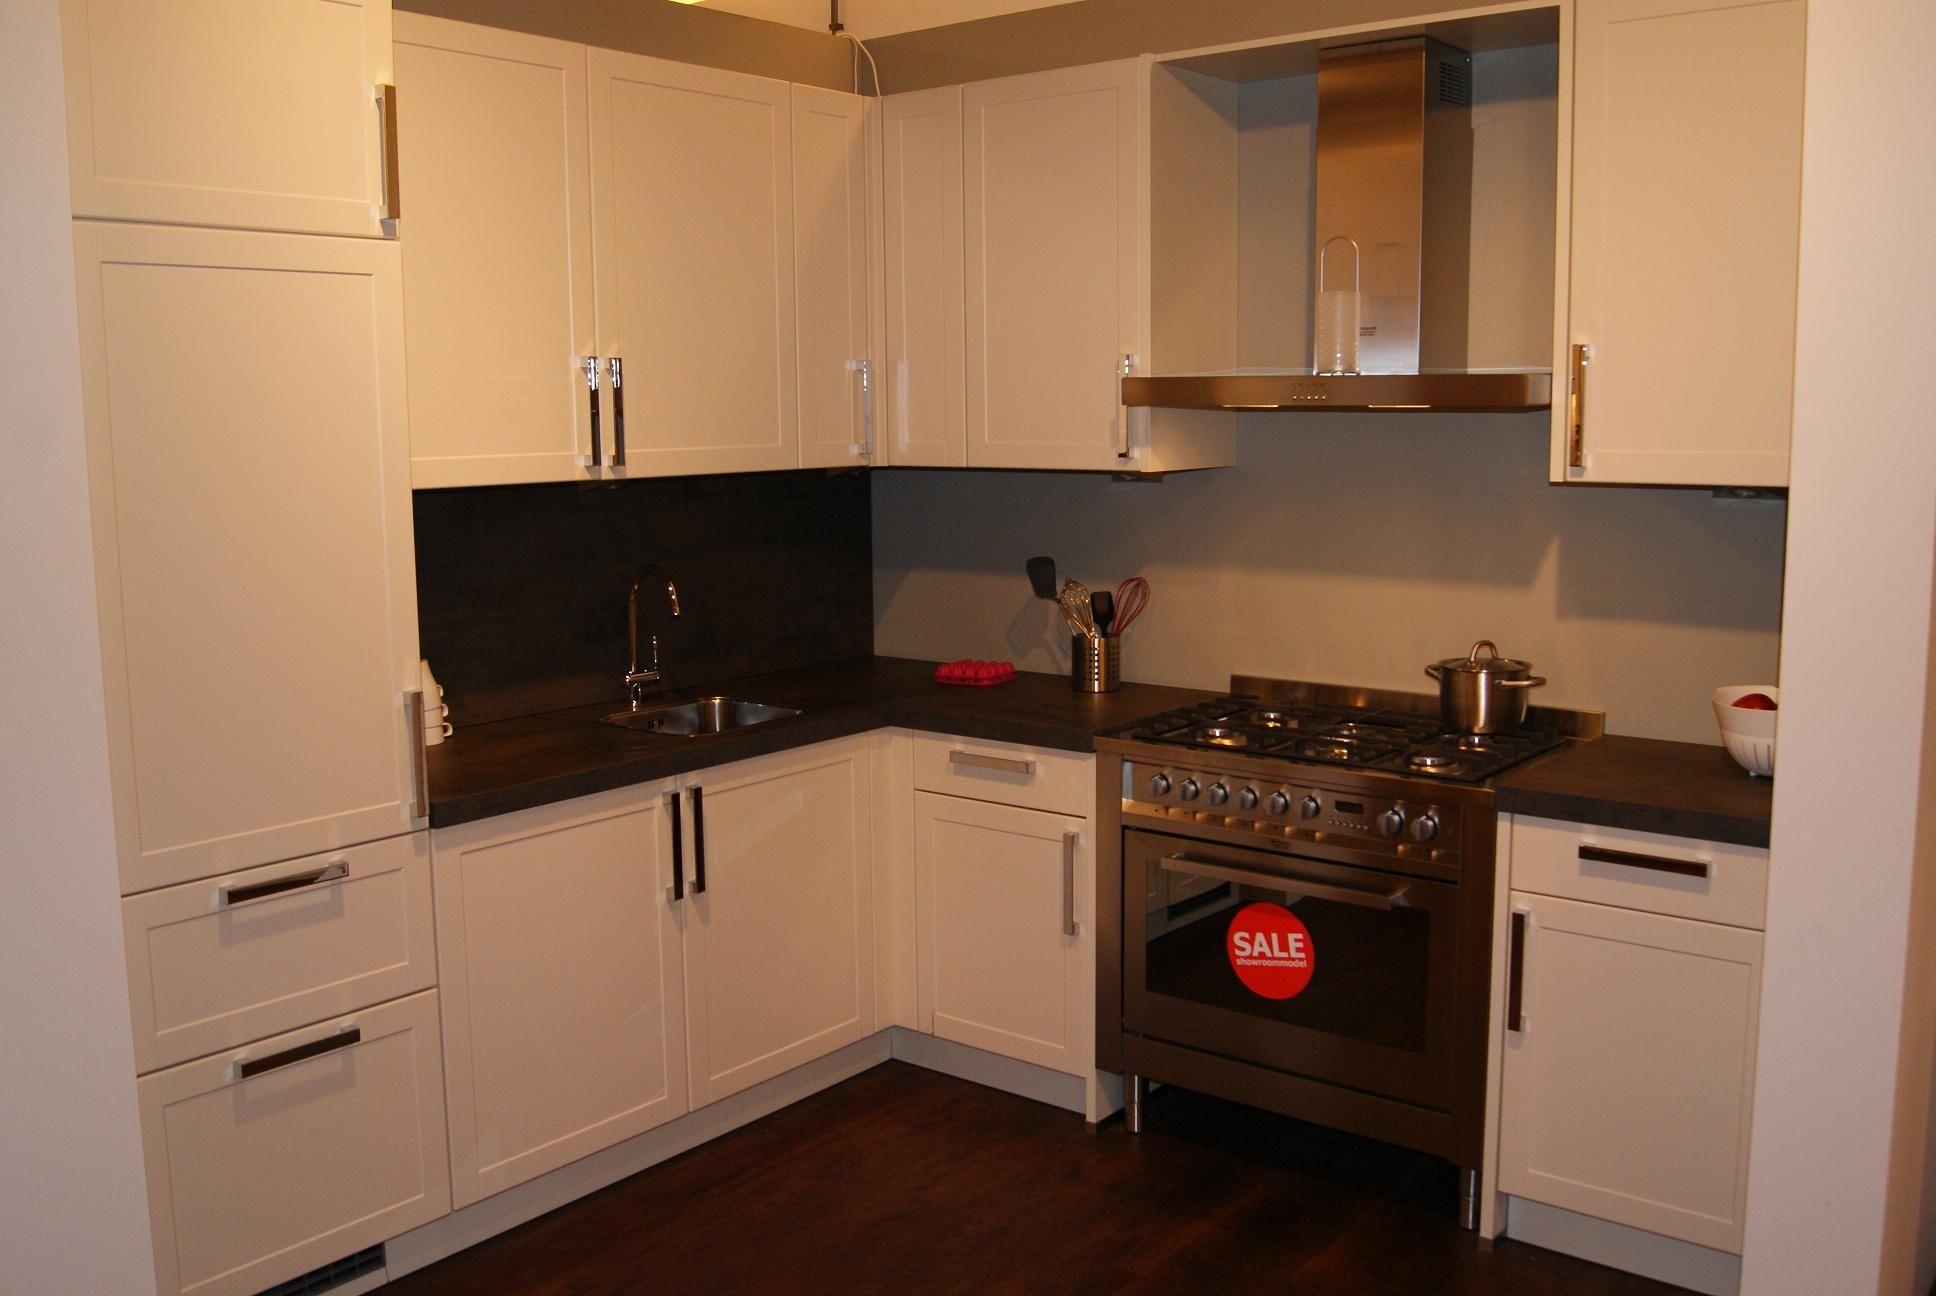 Keuken Plint Hoek : keukens voor zeer lage keuken prijzen Klassiek/Moderne hoekkeuken